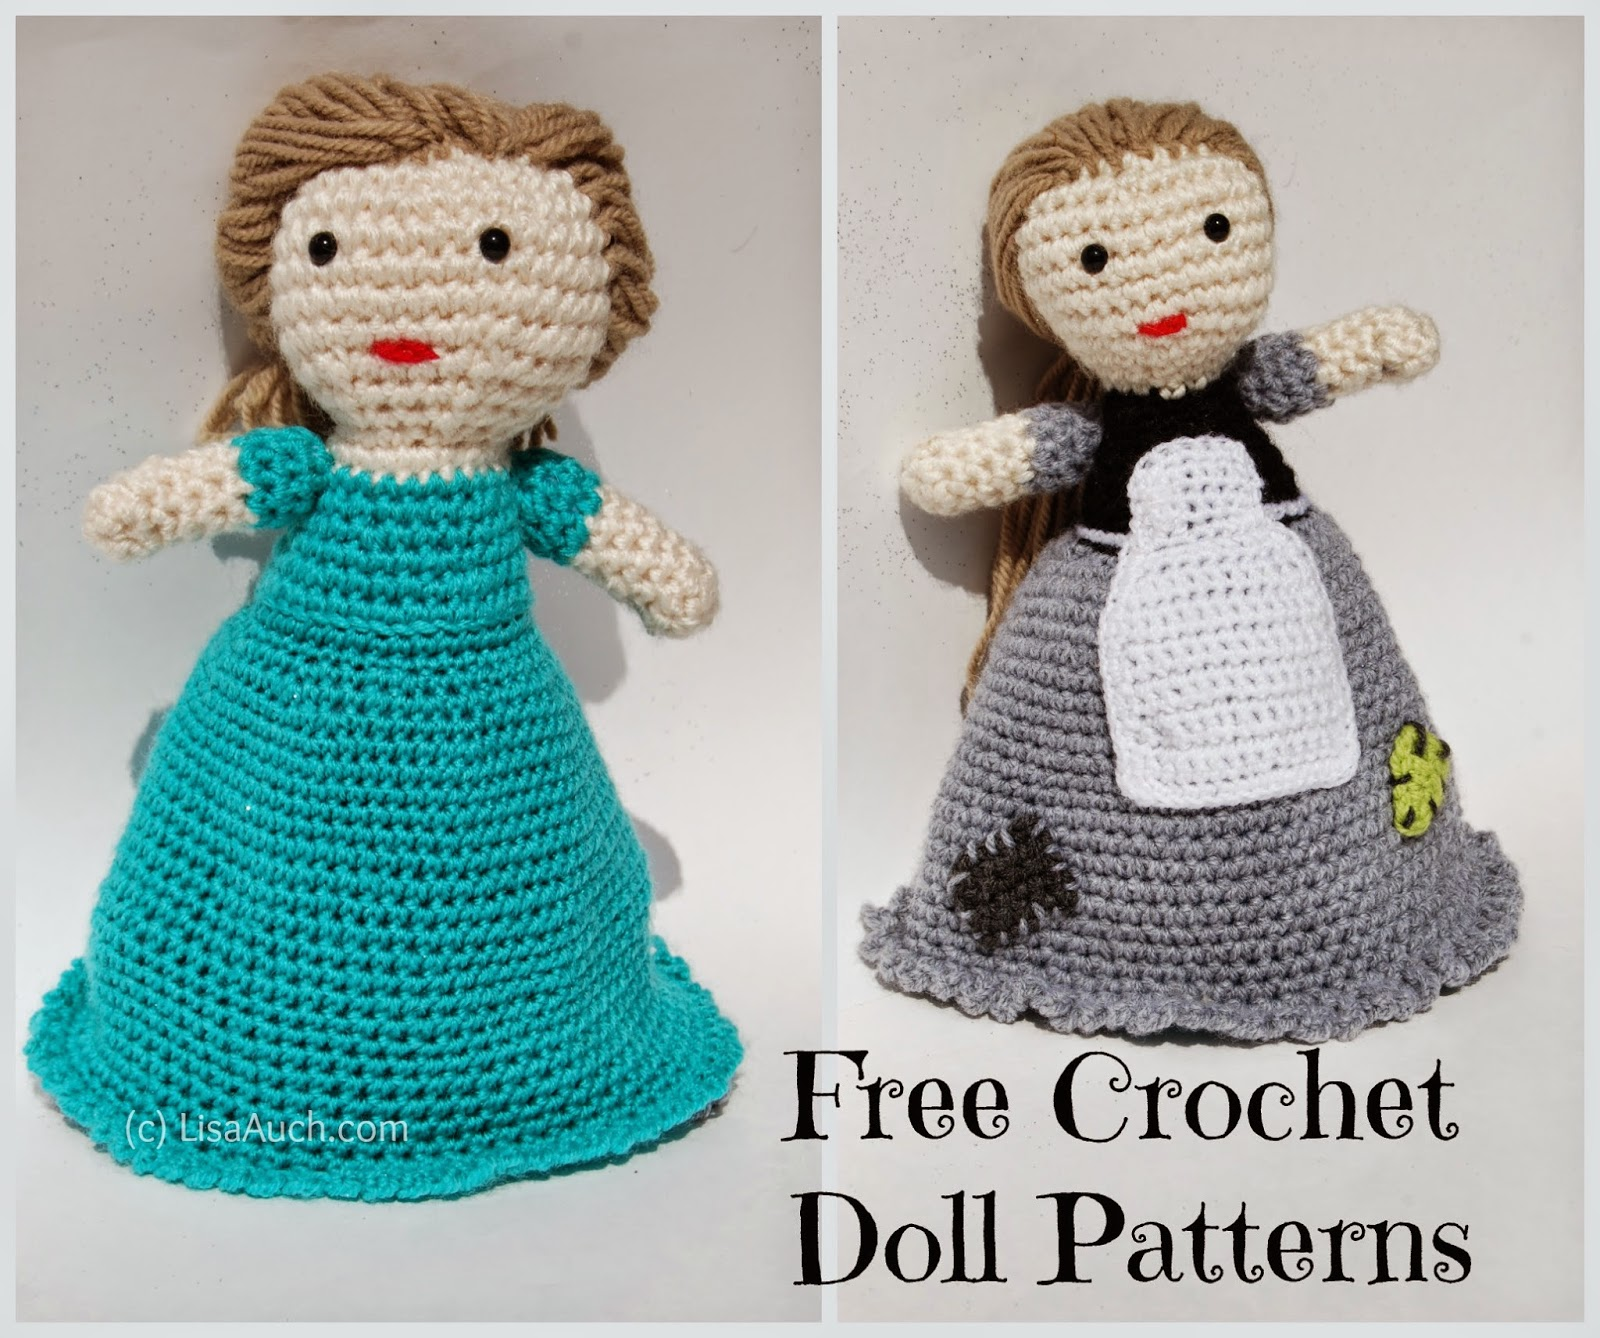 free crochet doll pattern, free crochet doll patterns, free pattern for doll  crochet, QKDOQNE